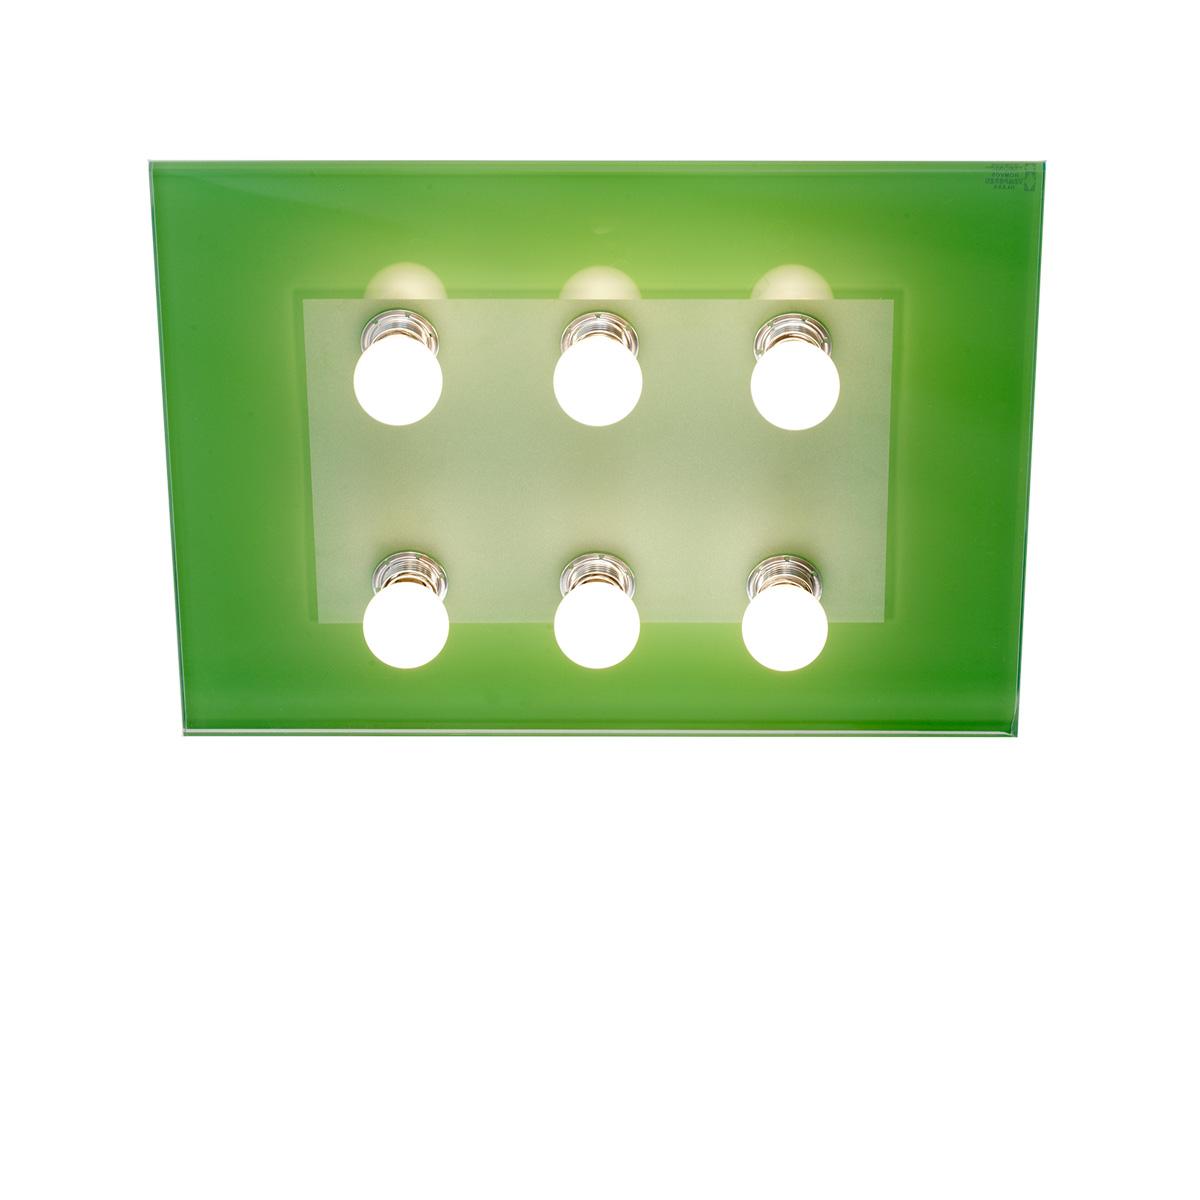 Μοντέρνο 6φωτο φωτιστικό οροφής VETRO modern 6-bulb ceiling lamp